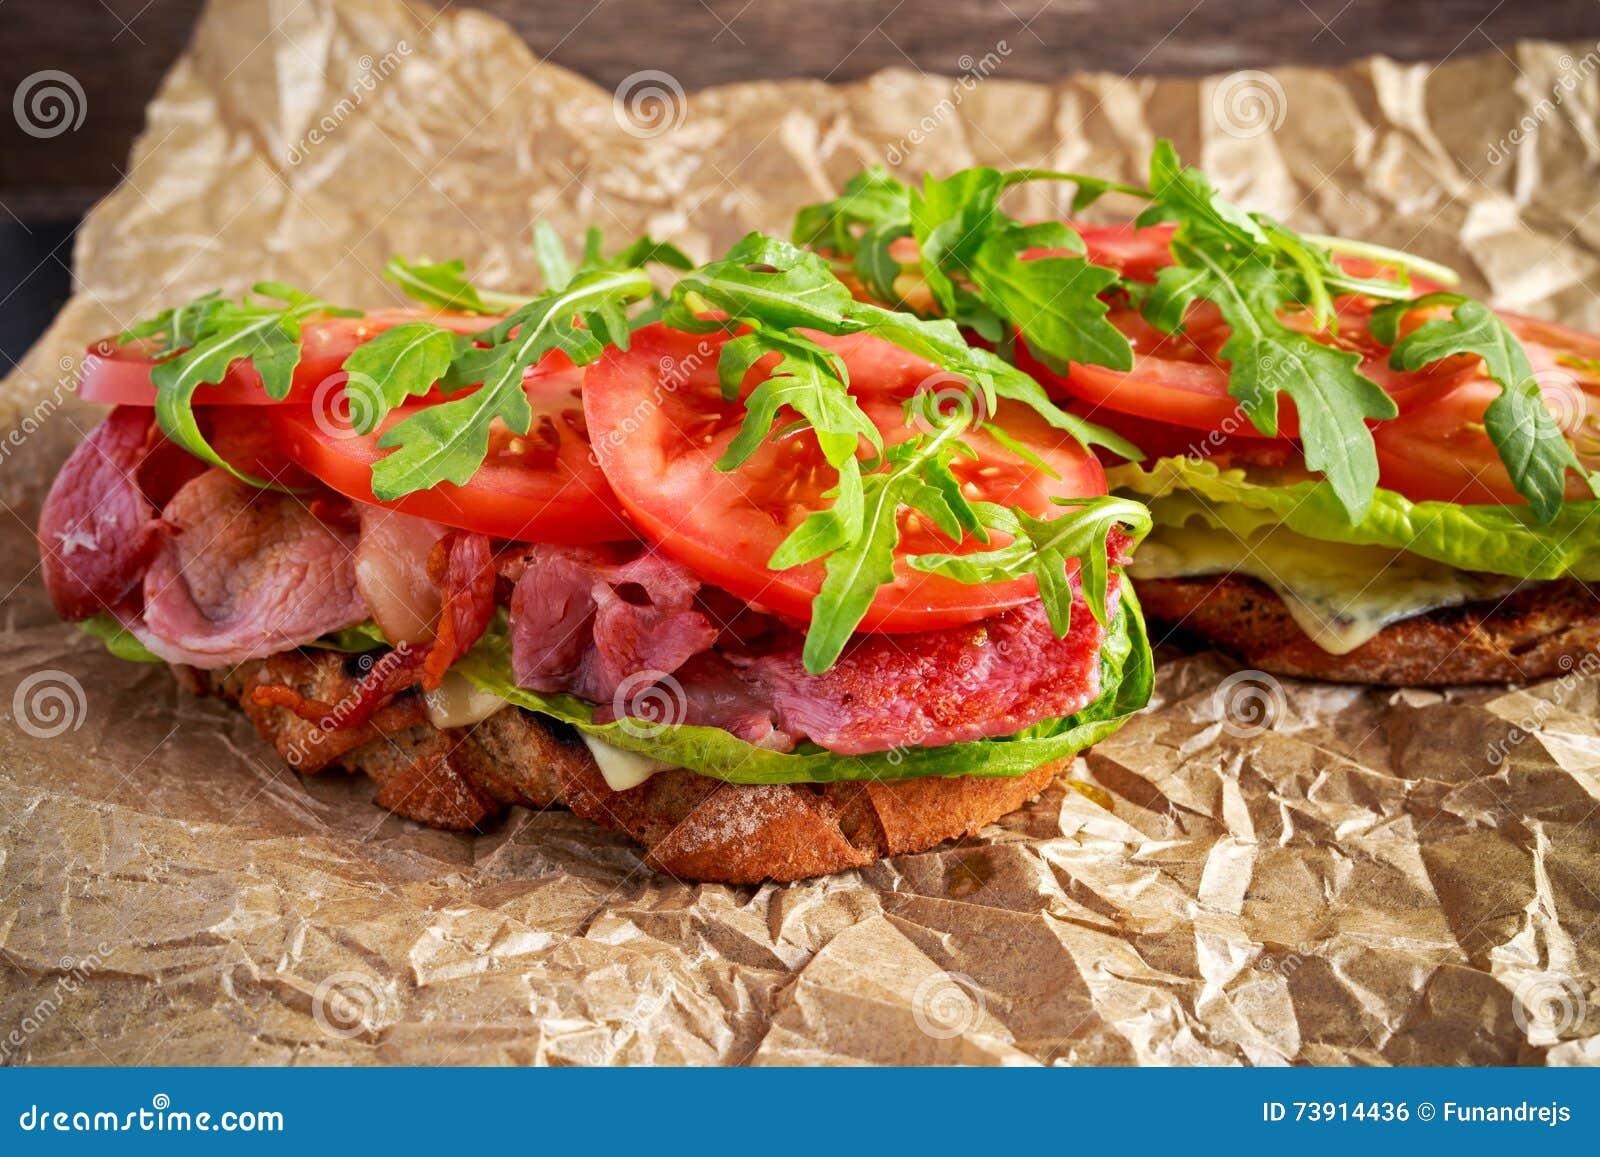 Φρέσκο σπιτικό σάντουιτς BLT στο ψημένο στη σχάρα ψωμί με το μπέϊκον, το μαρούλι, την ντομάτα βόειου κρέατος, τα κόκκινα κρεμμύδι